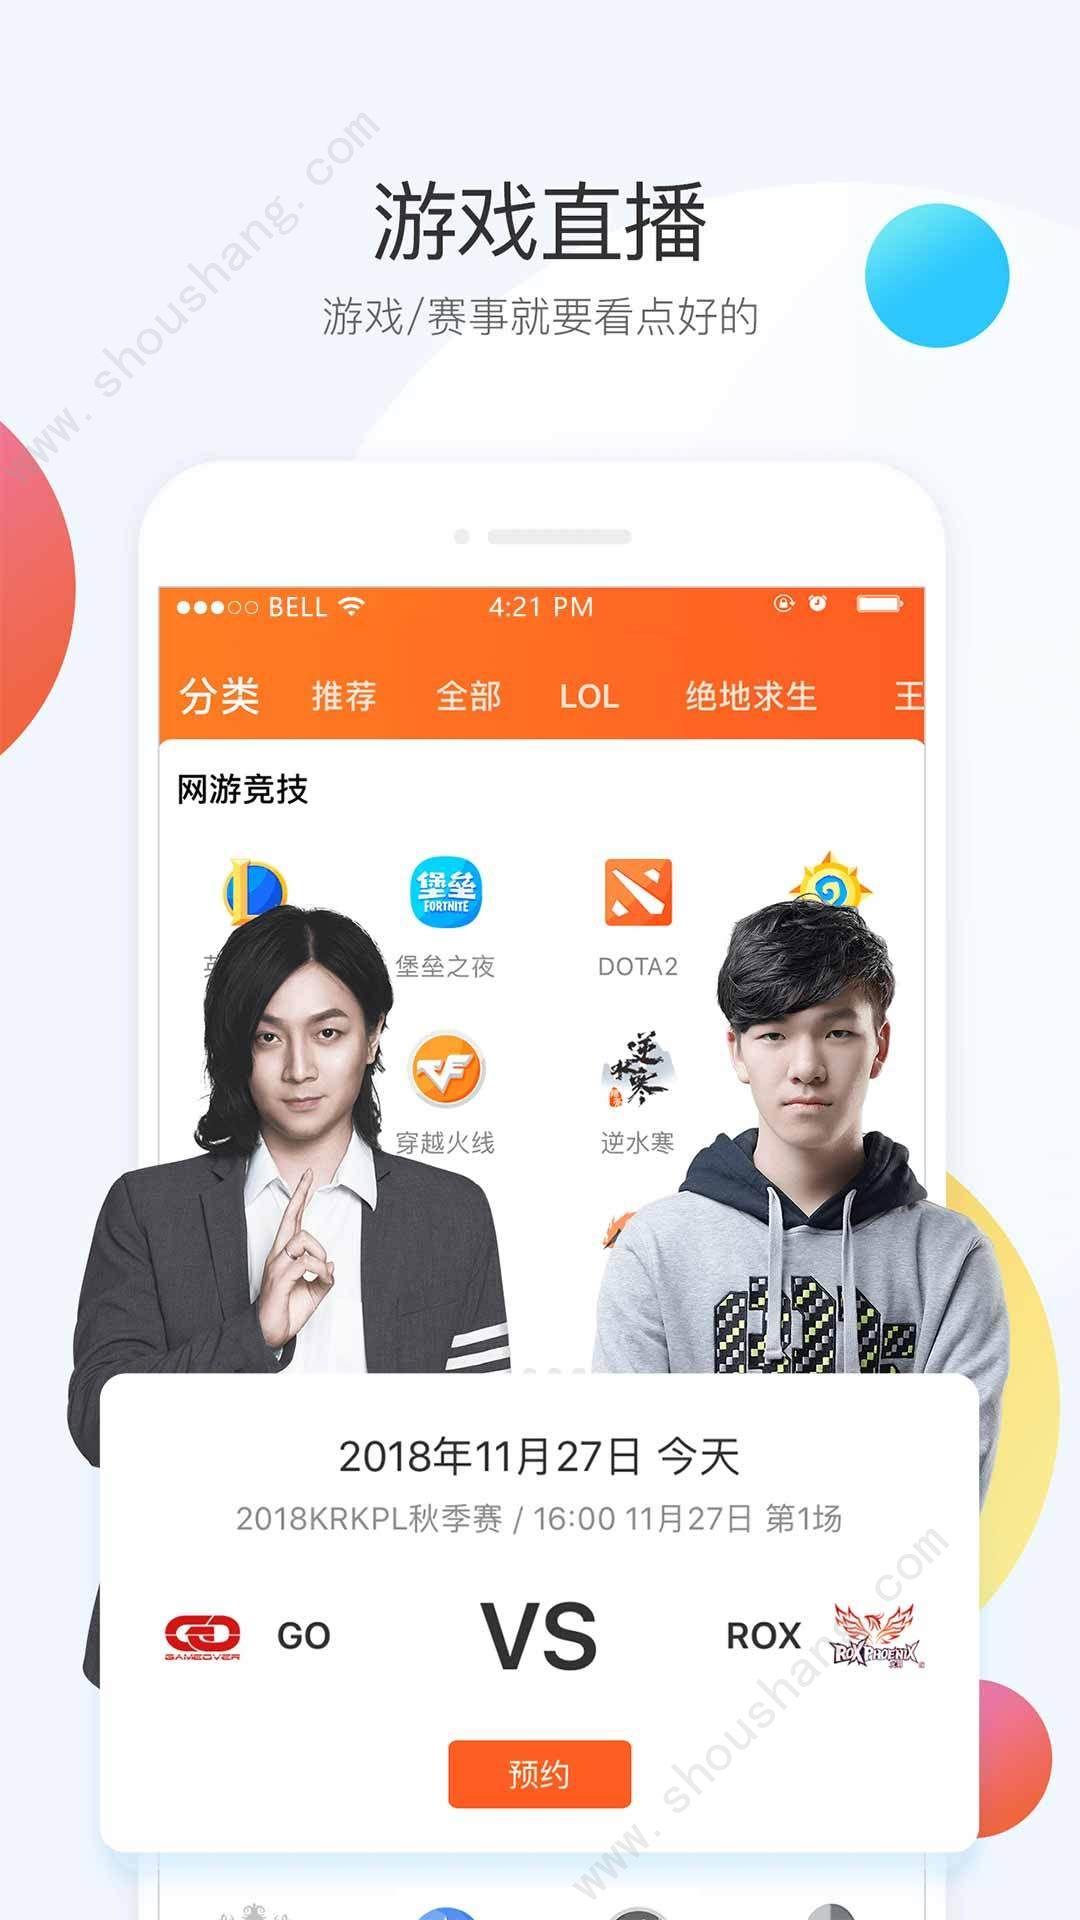 斗鱼时光机2019链接入口图片2